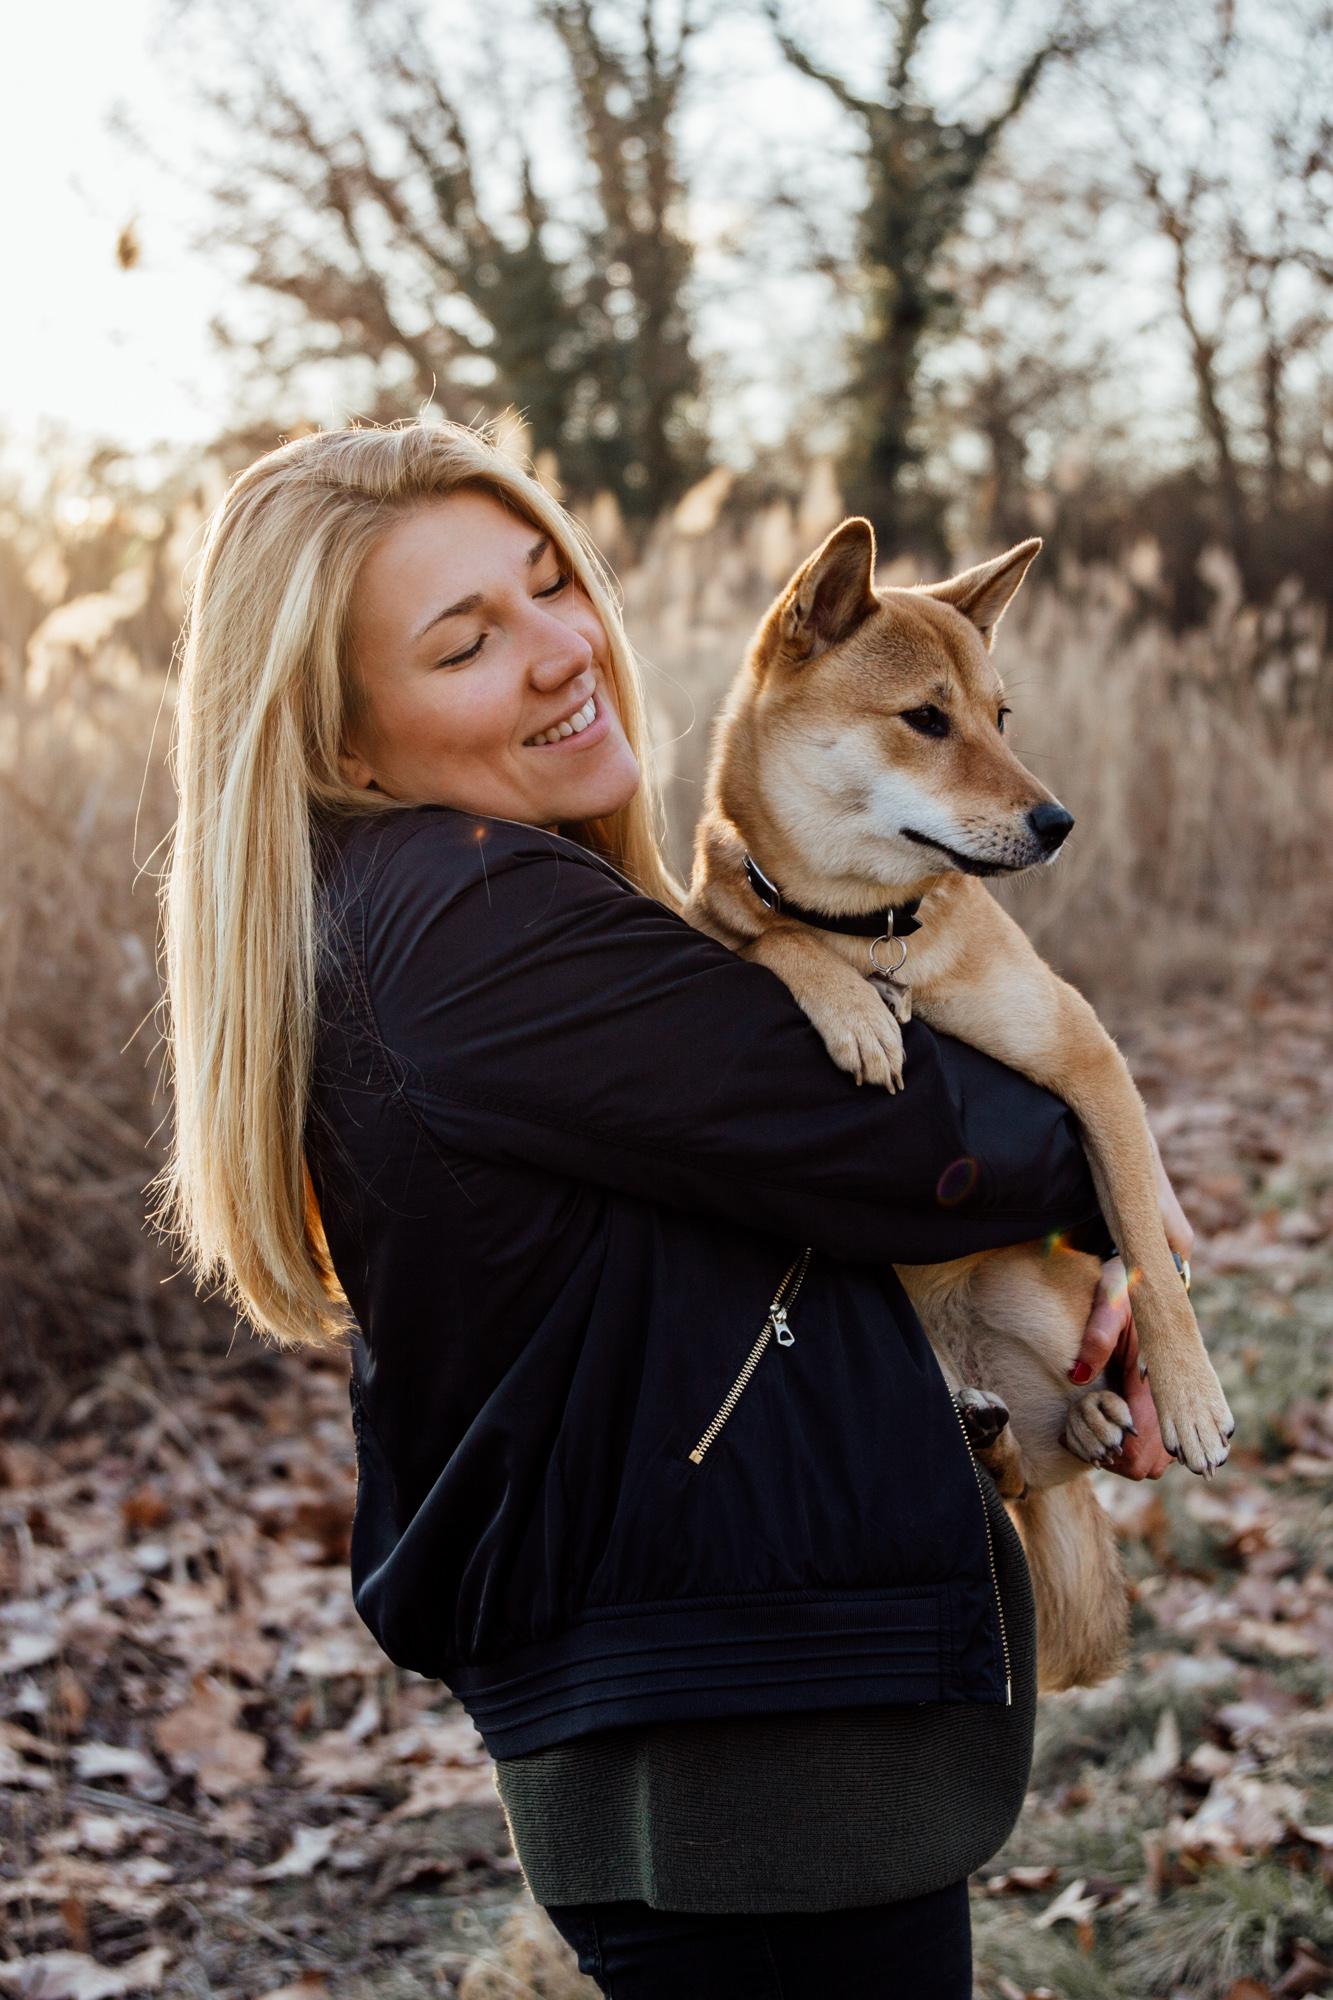 Frau hat Hund, Shiba Inu, auf dem Arm, Laub am Boden